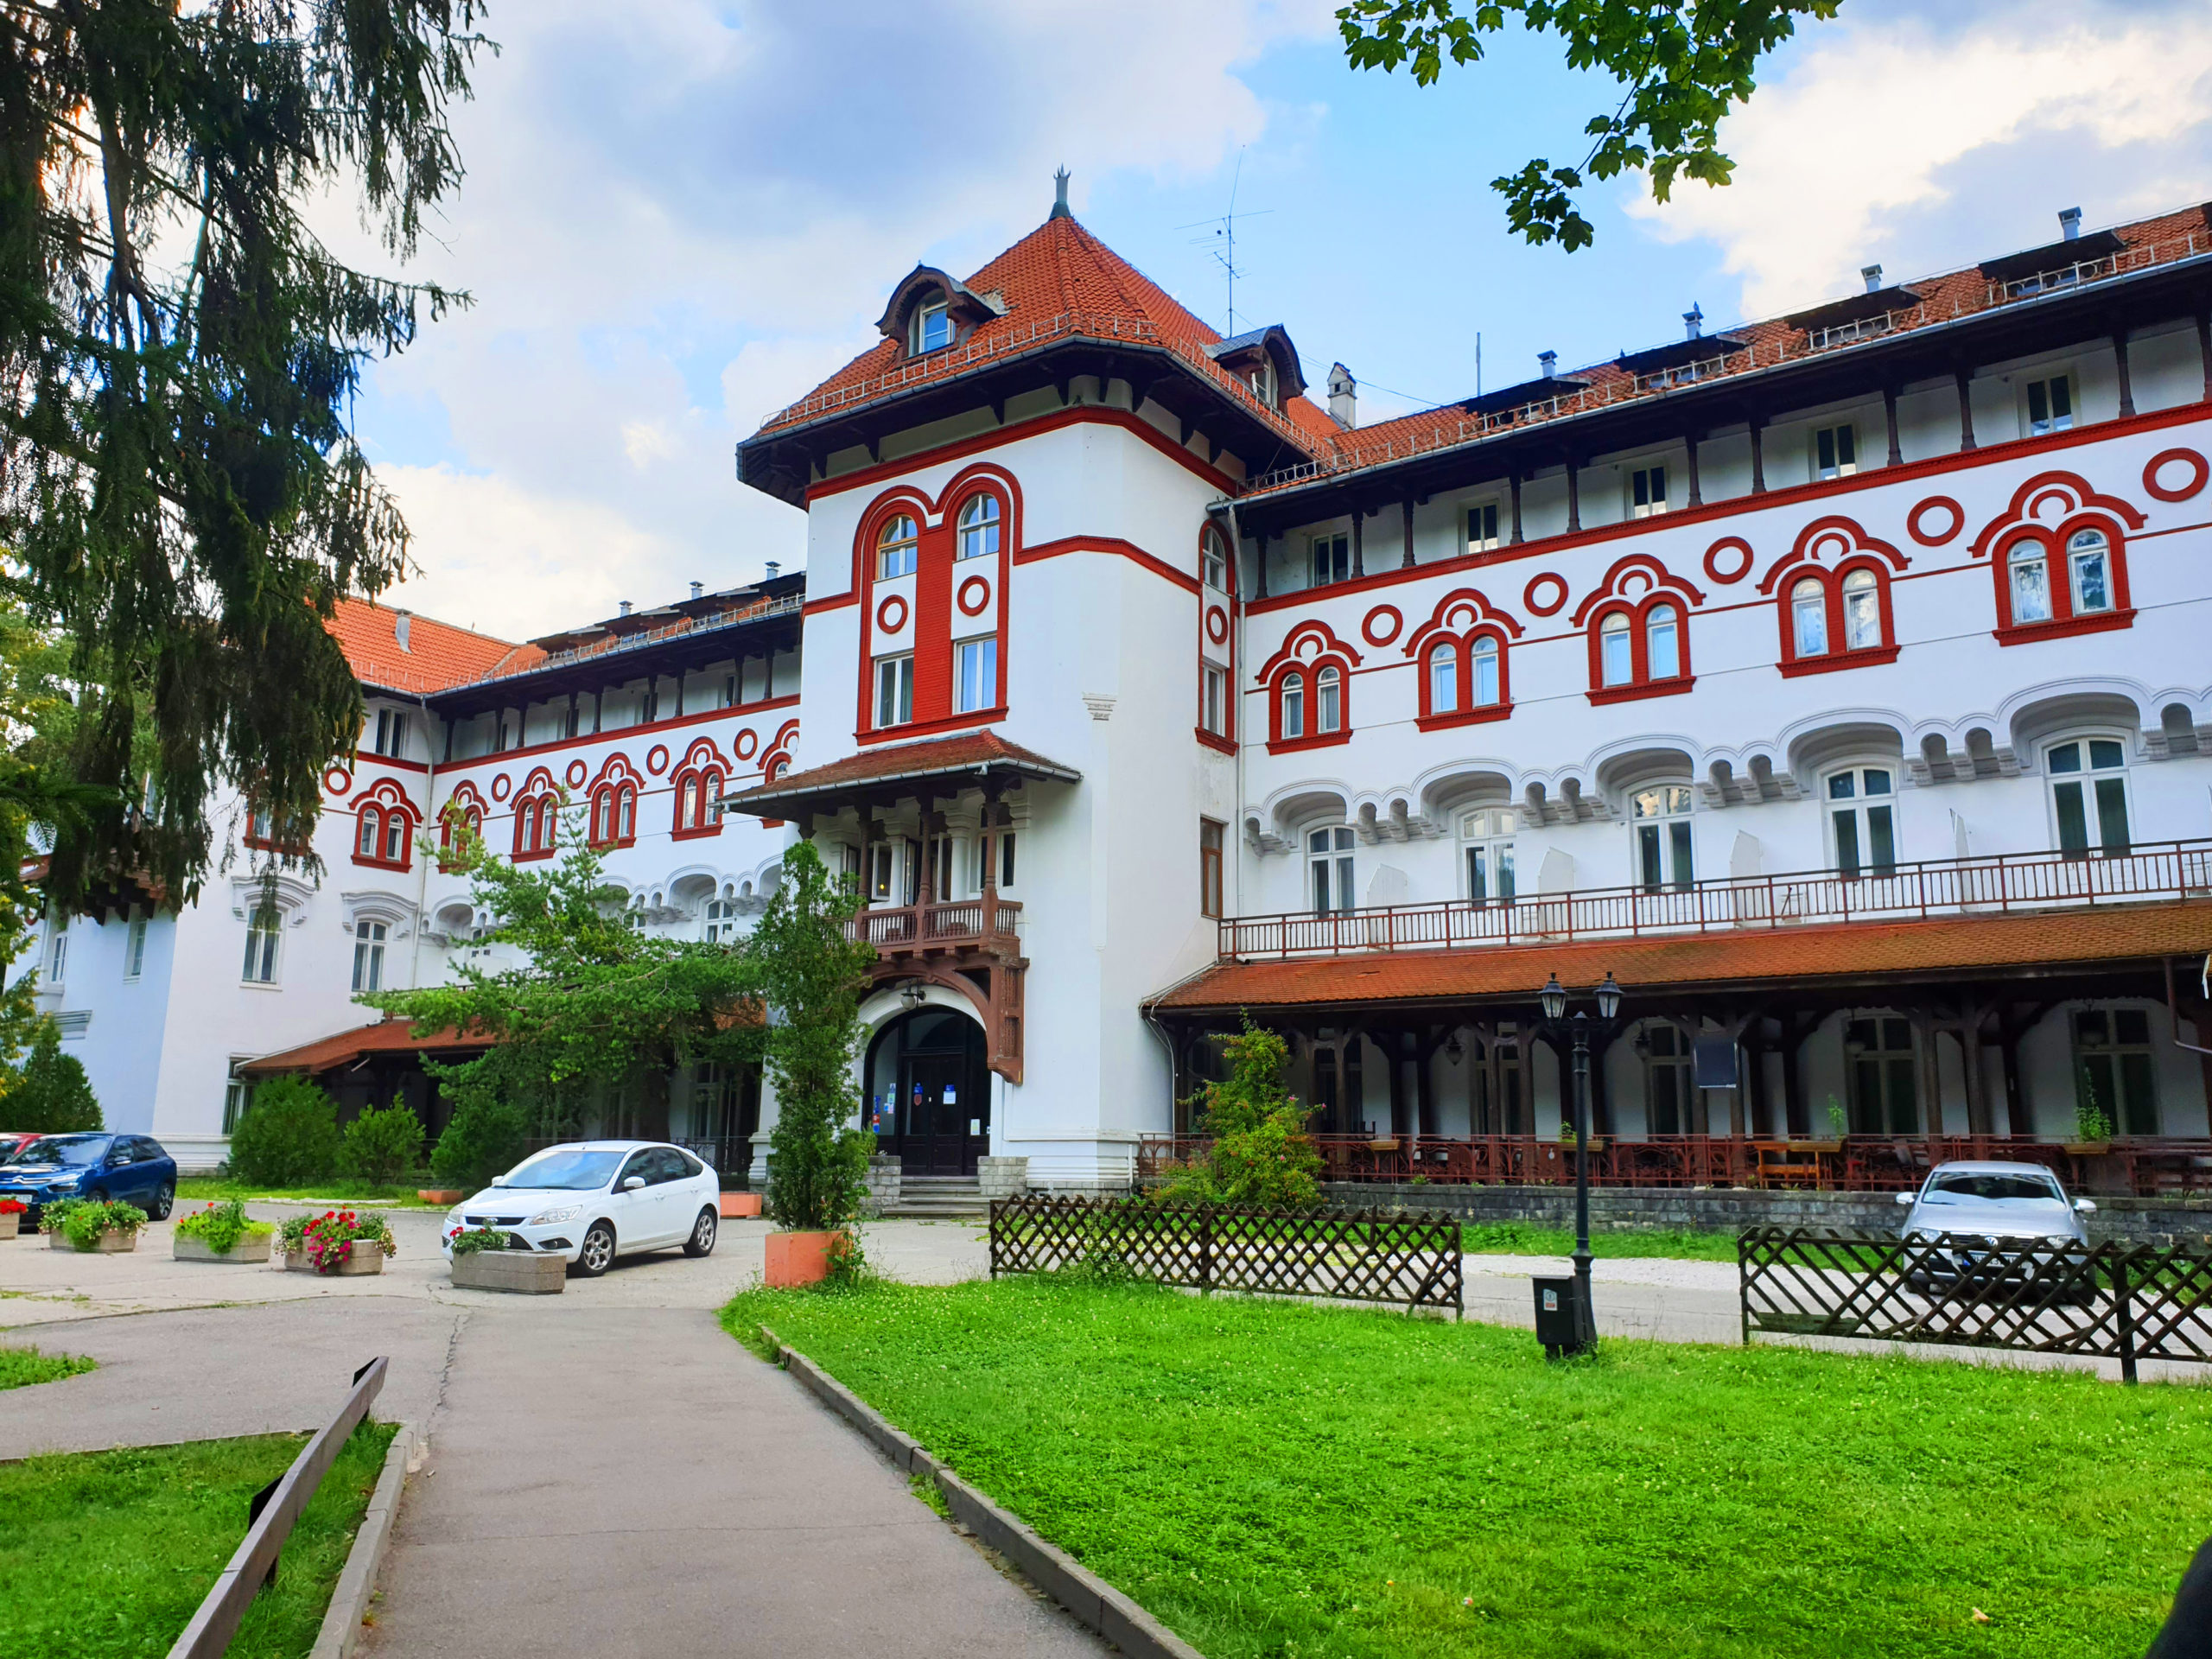 Hotel Caraiman, Parcul Dimitrie Ghica, Sinaia